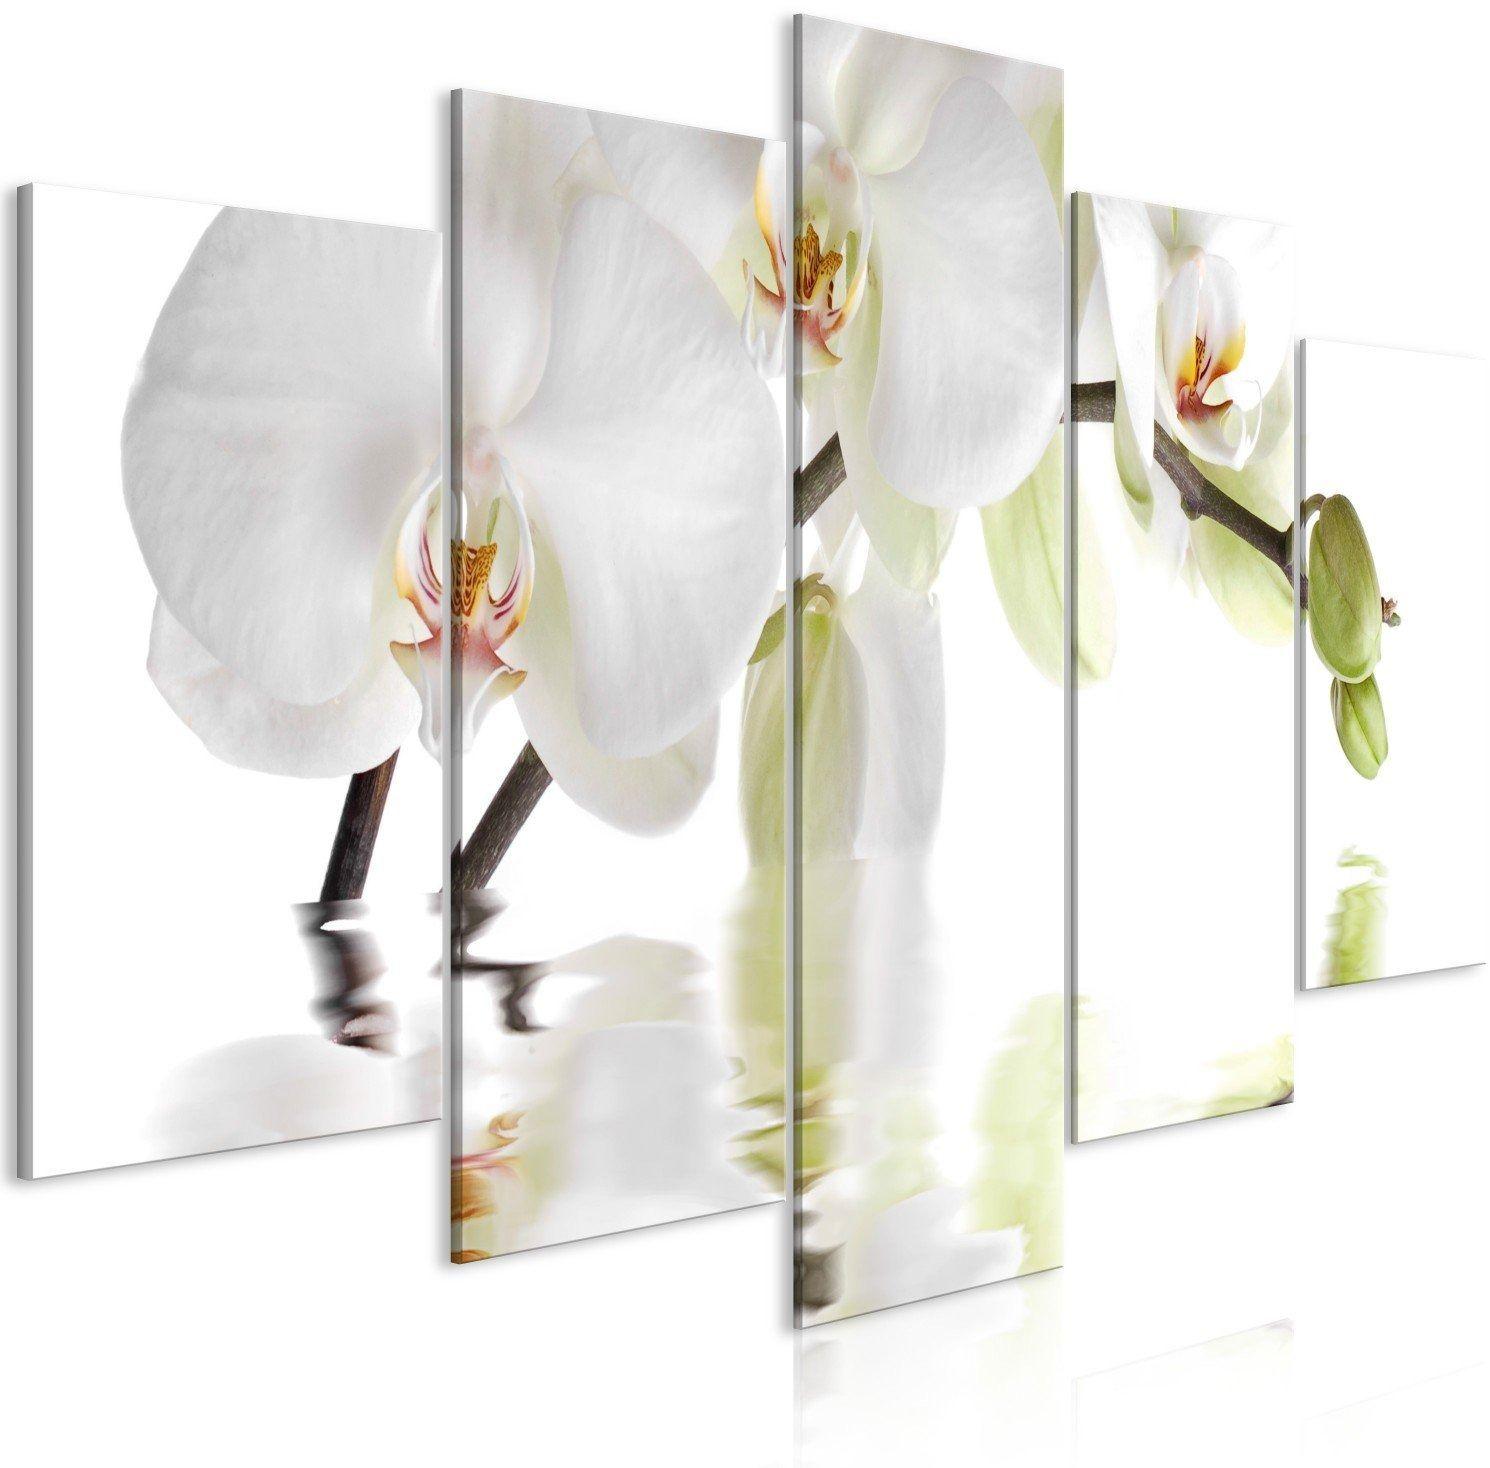 Obraz - wspaniała orchidea (5-częściowy) szeroki